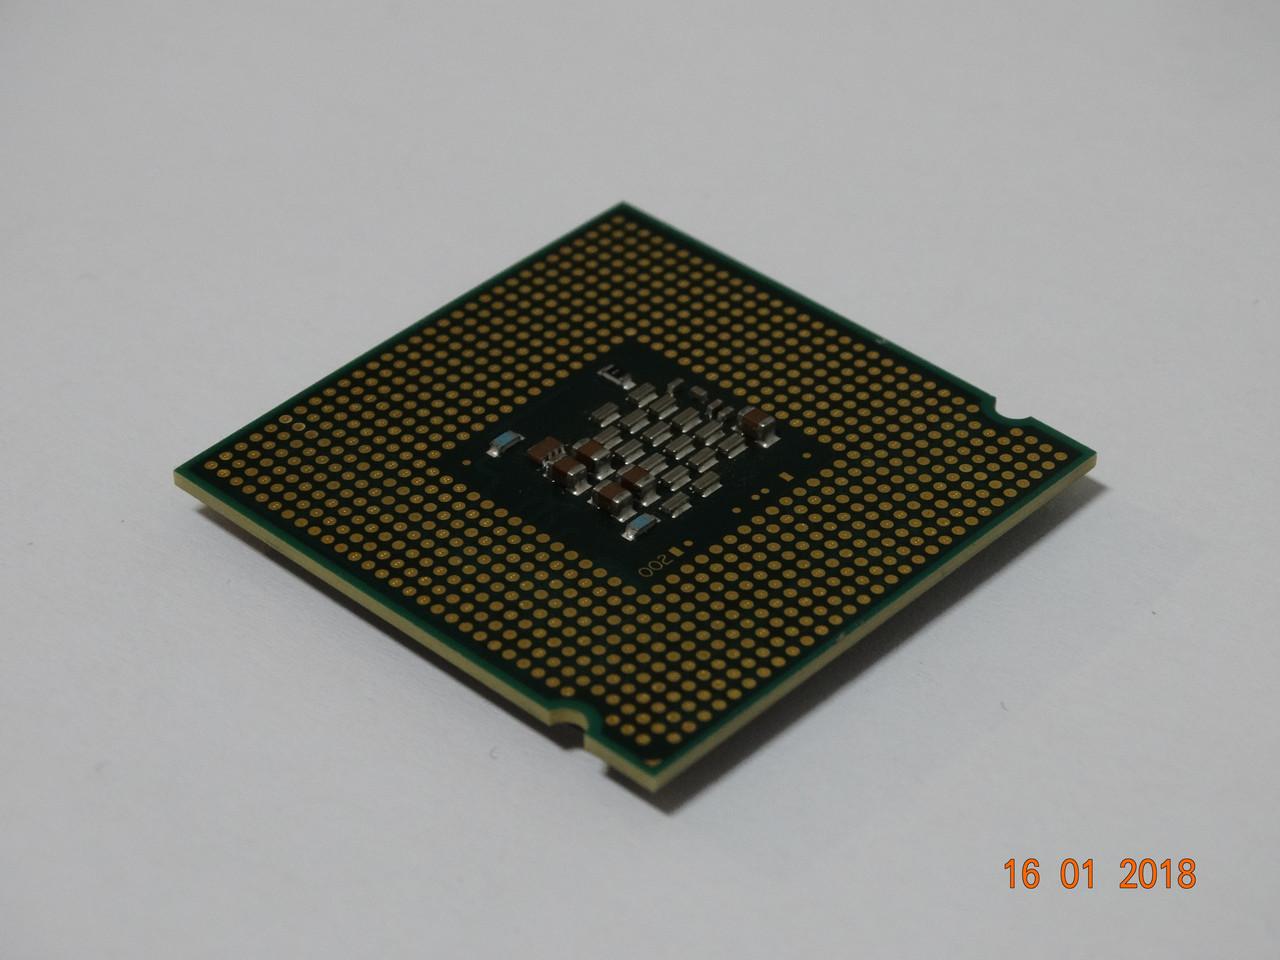 Процессор Intel® Celeron® 430 тактовая частота 1,80 ГГц, 512 КБ кэш-памяти, частота системной шины 800 МГц